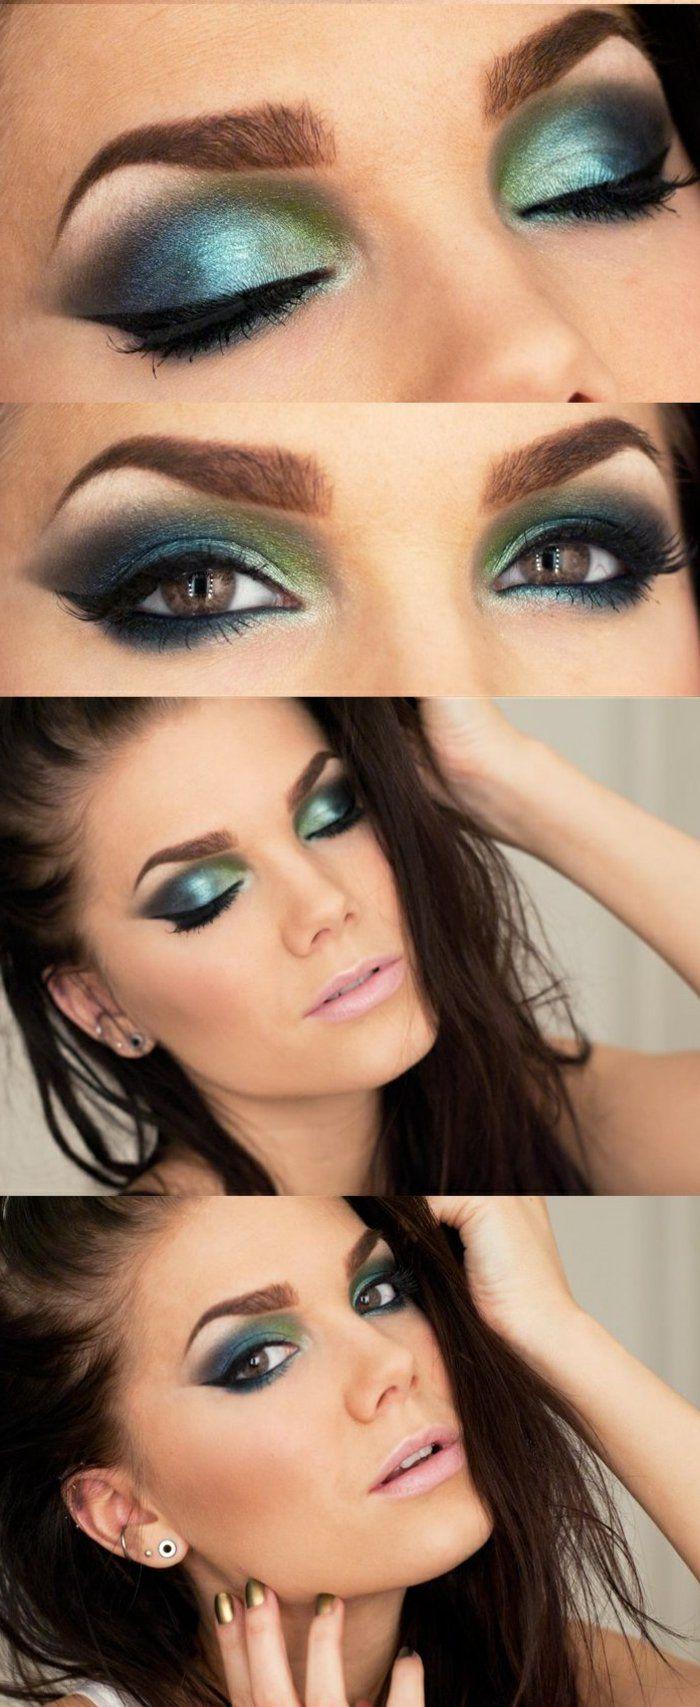 Plus de 1000 id es propos de maquillage yeux marron sur pinterest - Maquillage simple yeux marrons ...